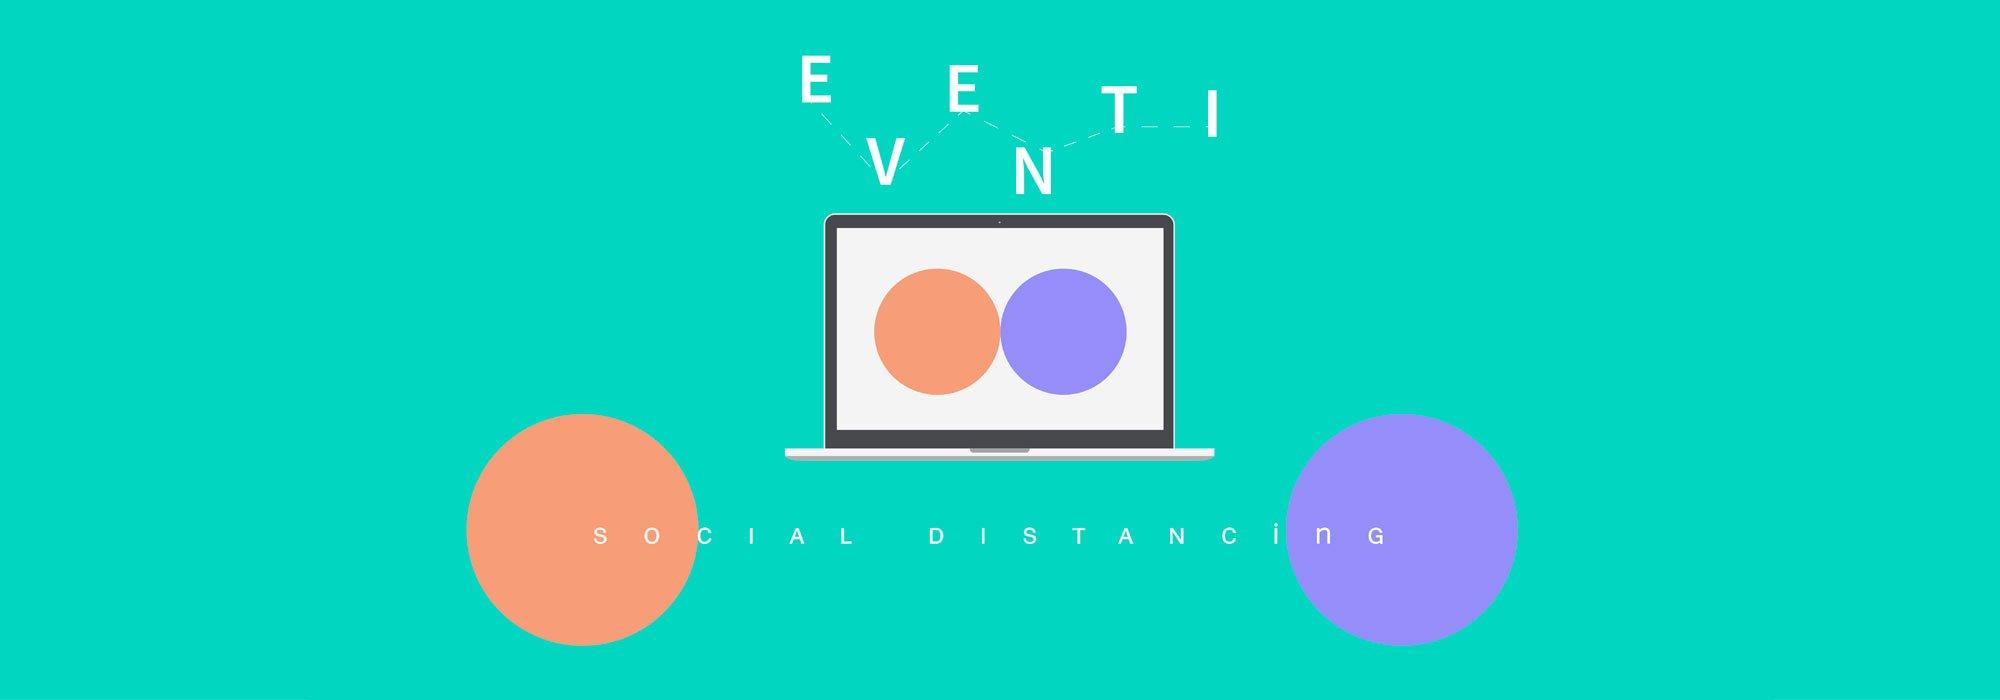 Eventi online: creare esperienze da condividere a distanza